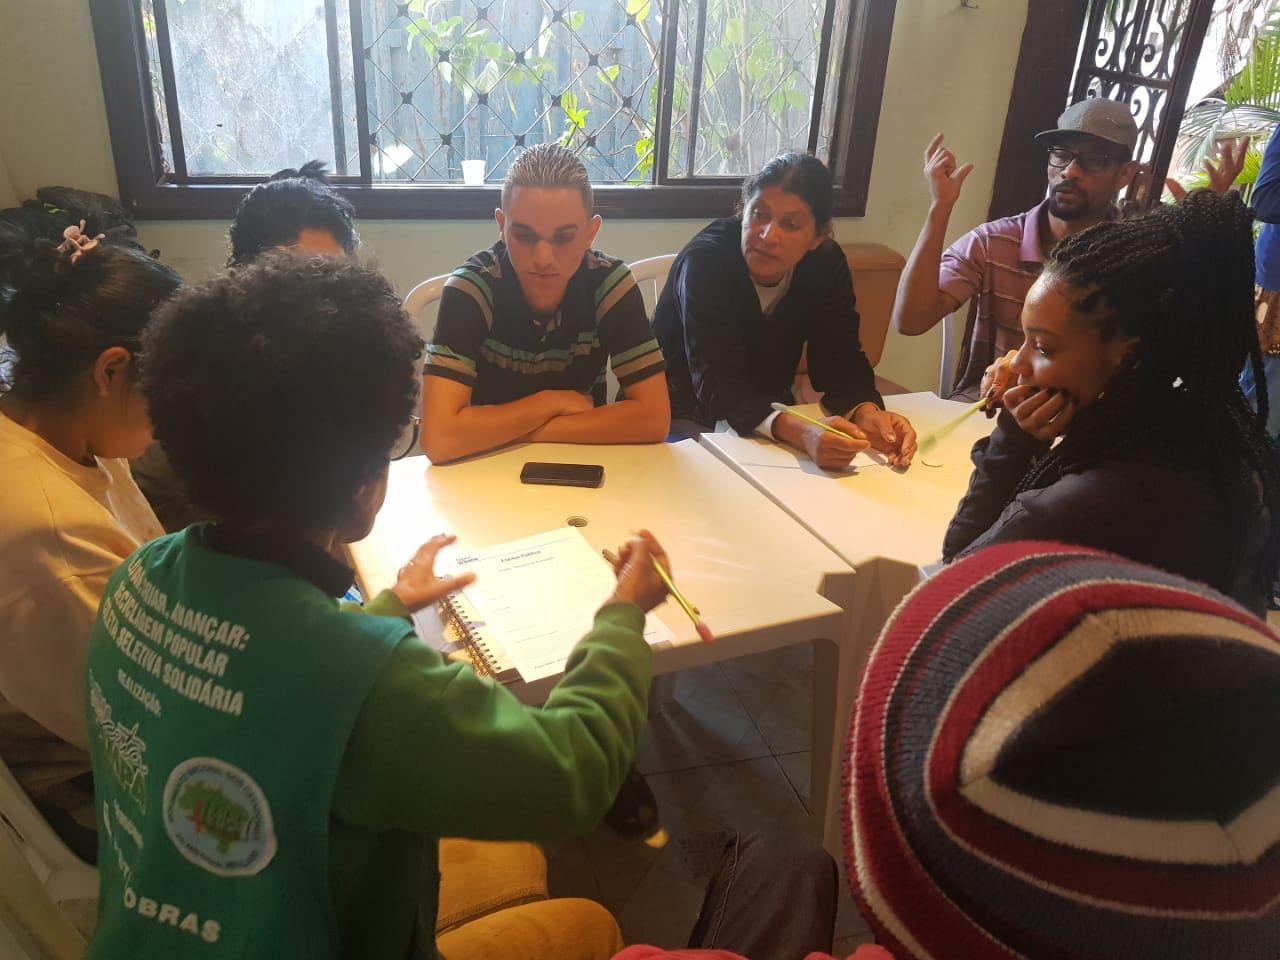 Capacitação-Recicla-Jabaquara_Cooperativa-Sempre-Verde Escolas se mobilizam para arrecadar mais de 10 toneladas de materiais recicláveis no Jabaquara